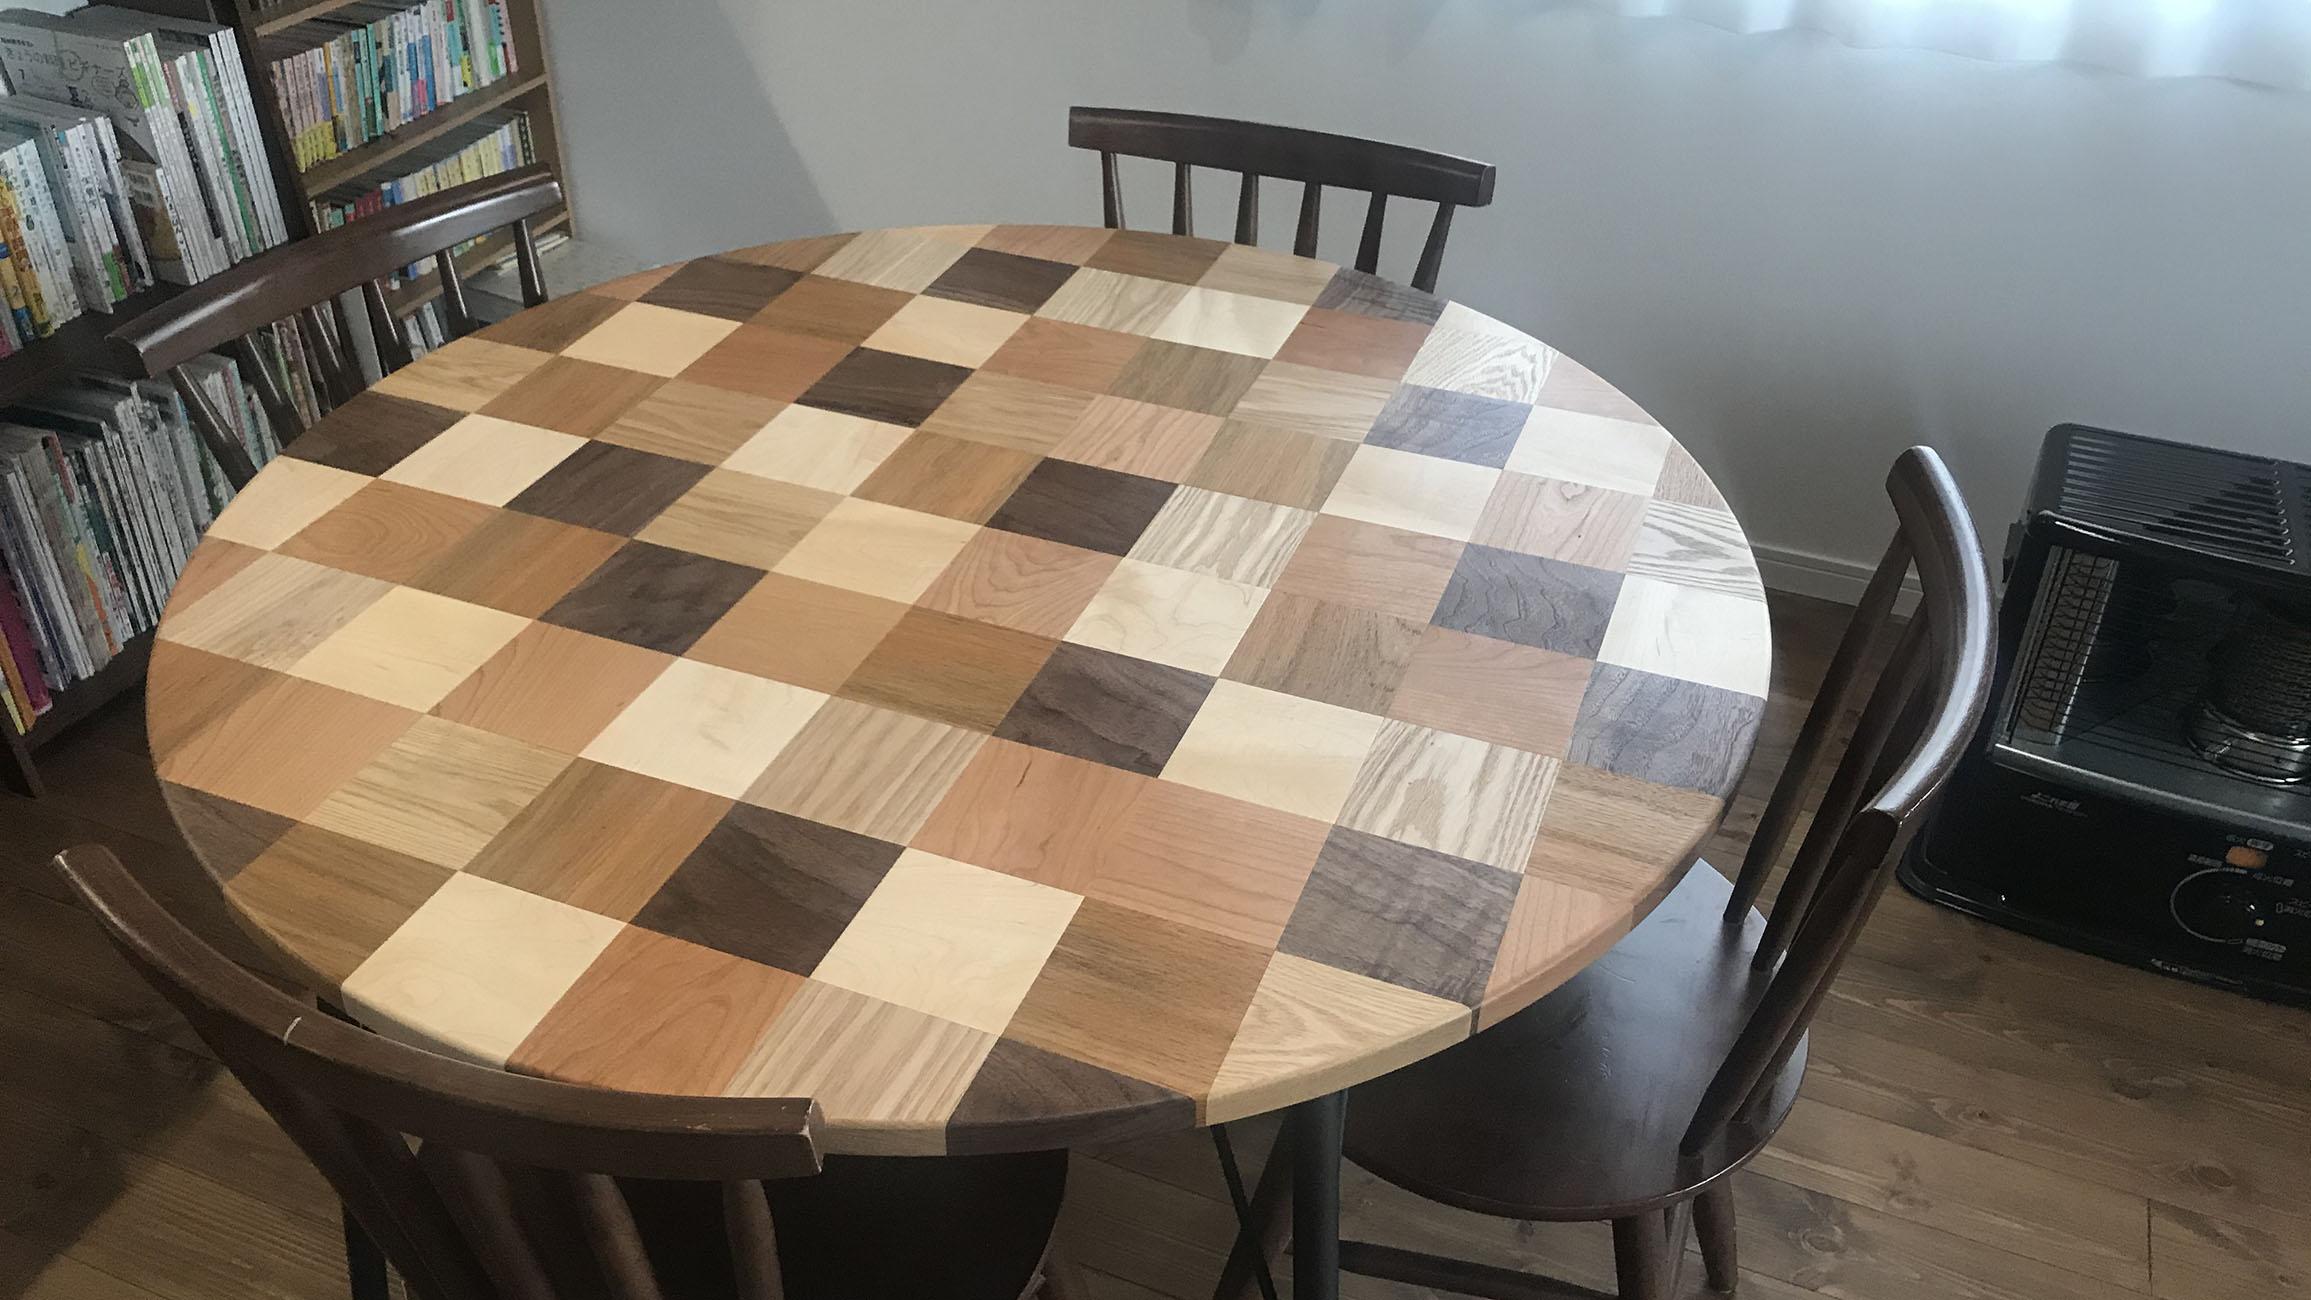 モザイク寄木の丸テーブル